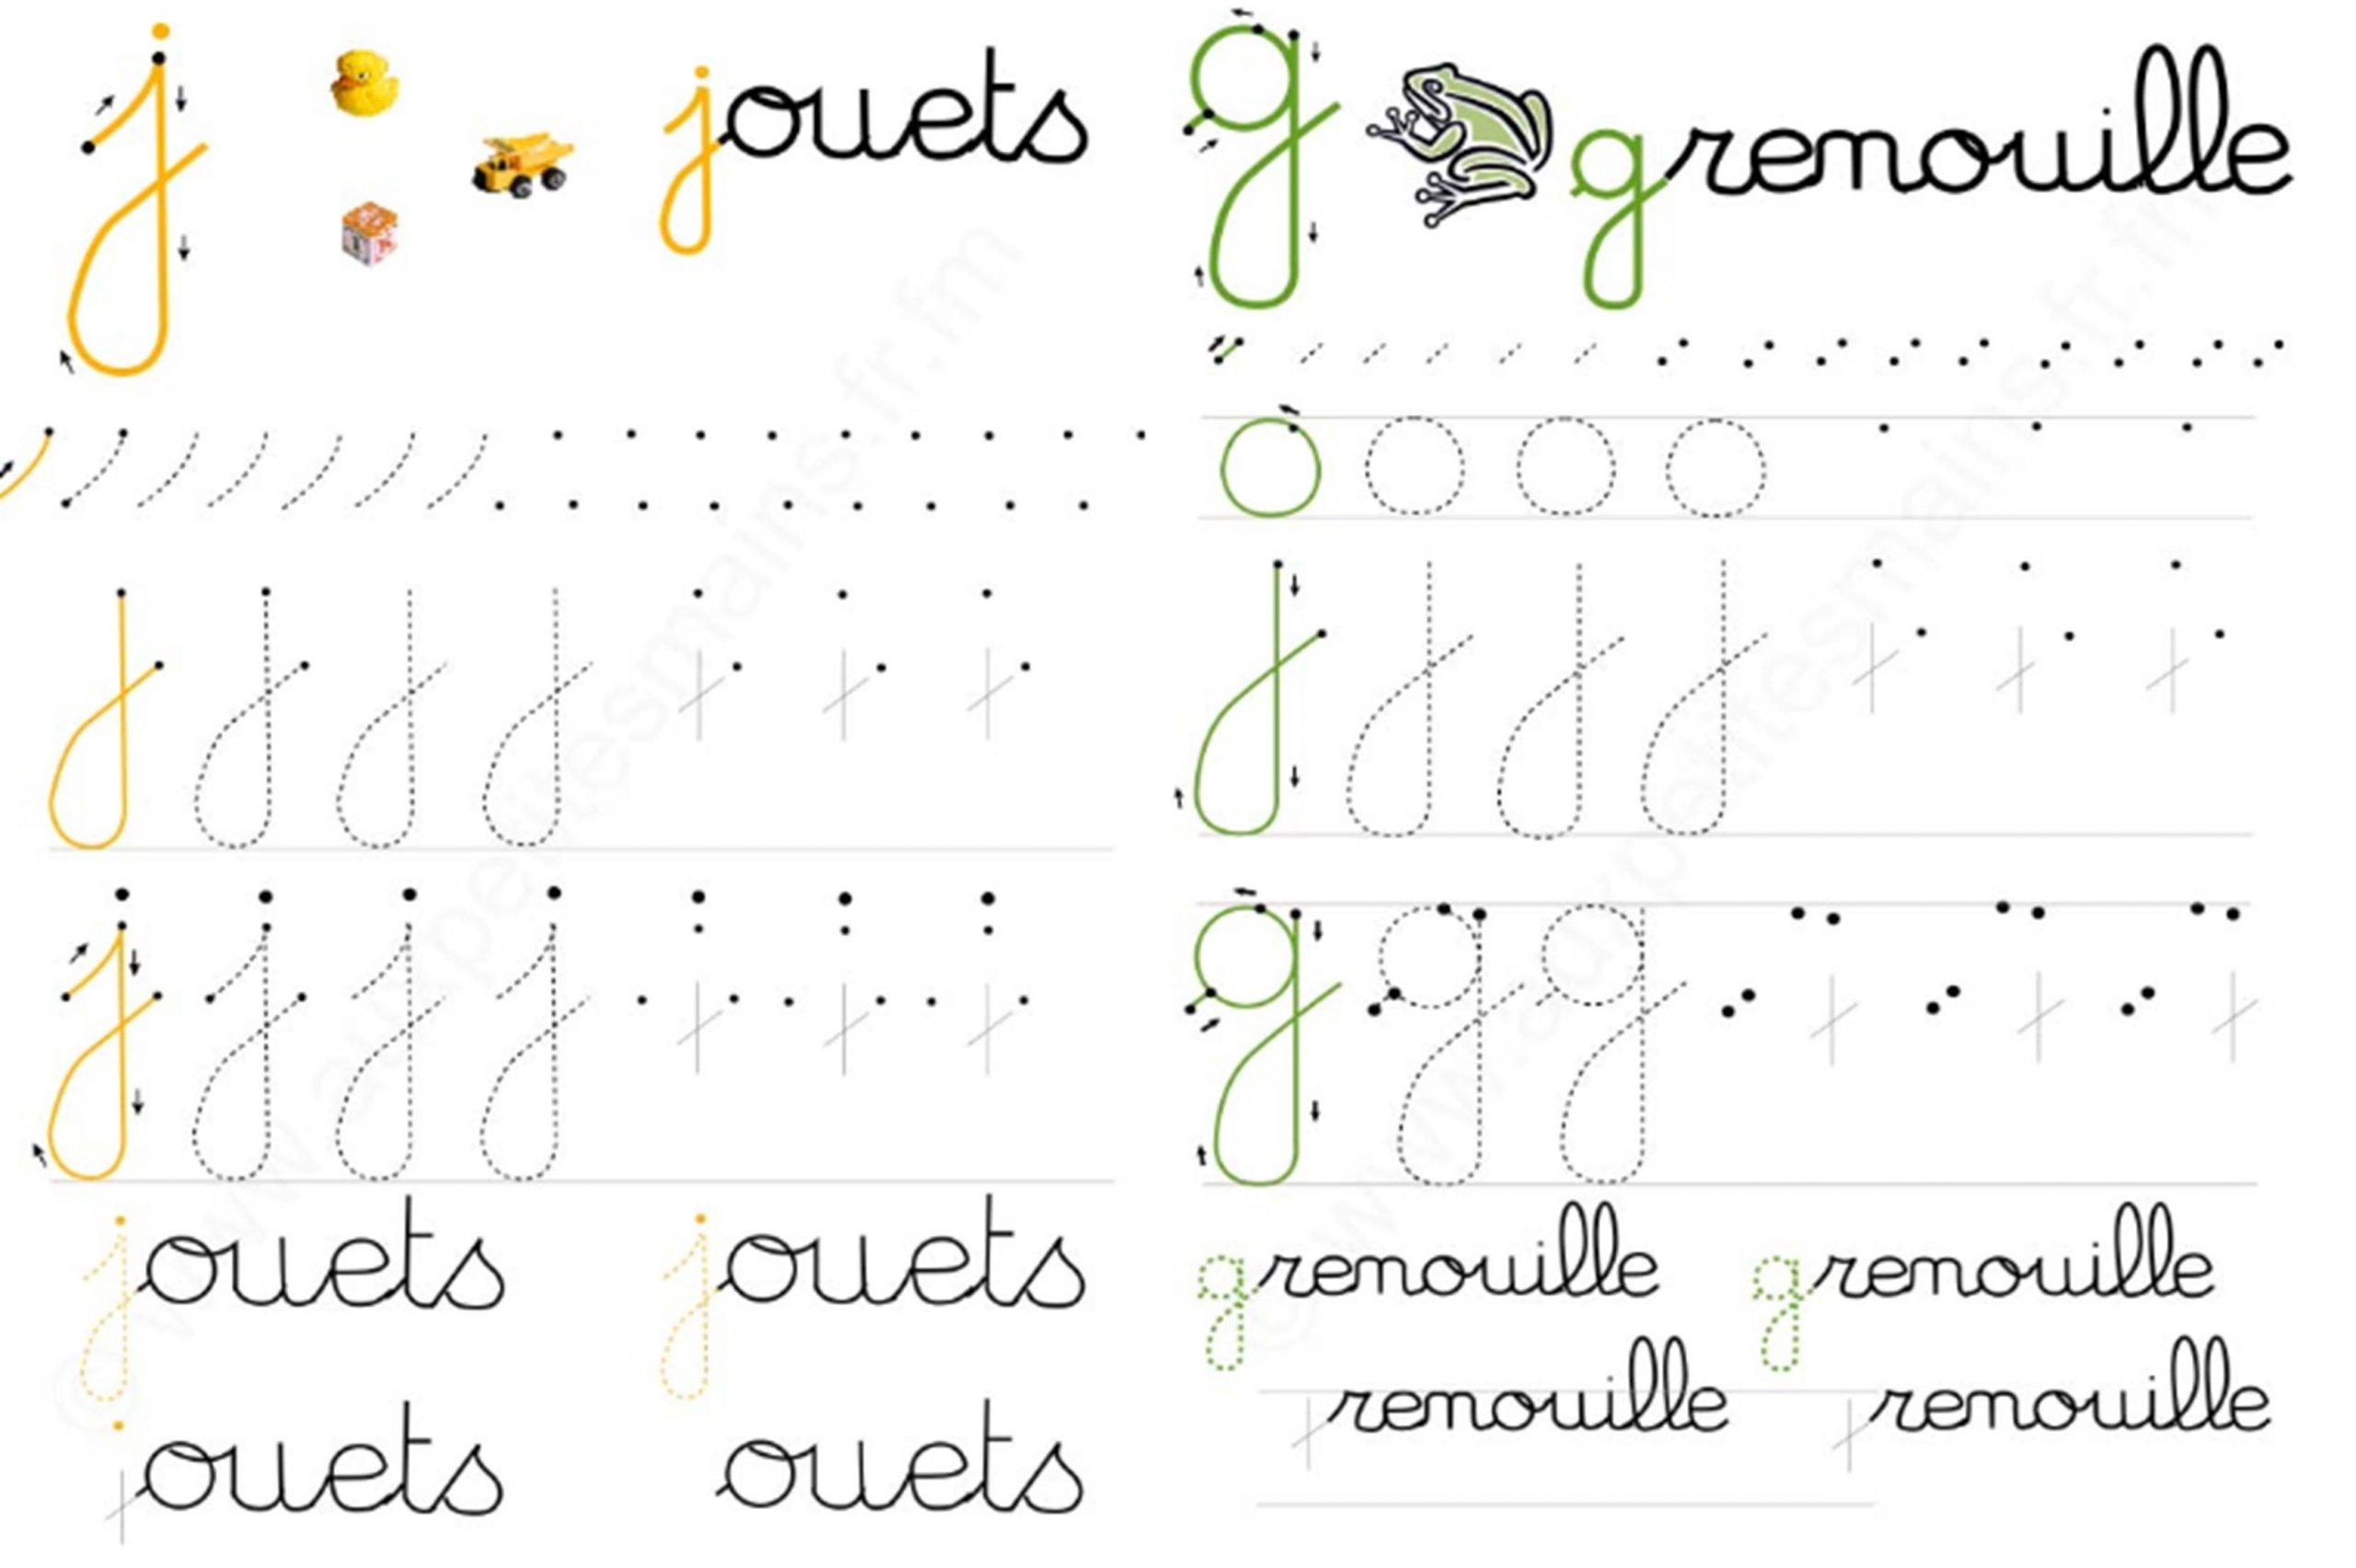 Fichier D'écriture Grande Section | Le Blog De Monsieur Mathieu encequiconcerne Exercice Graphisme Moyenne Section